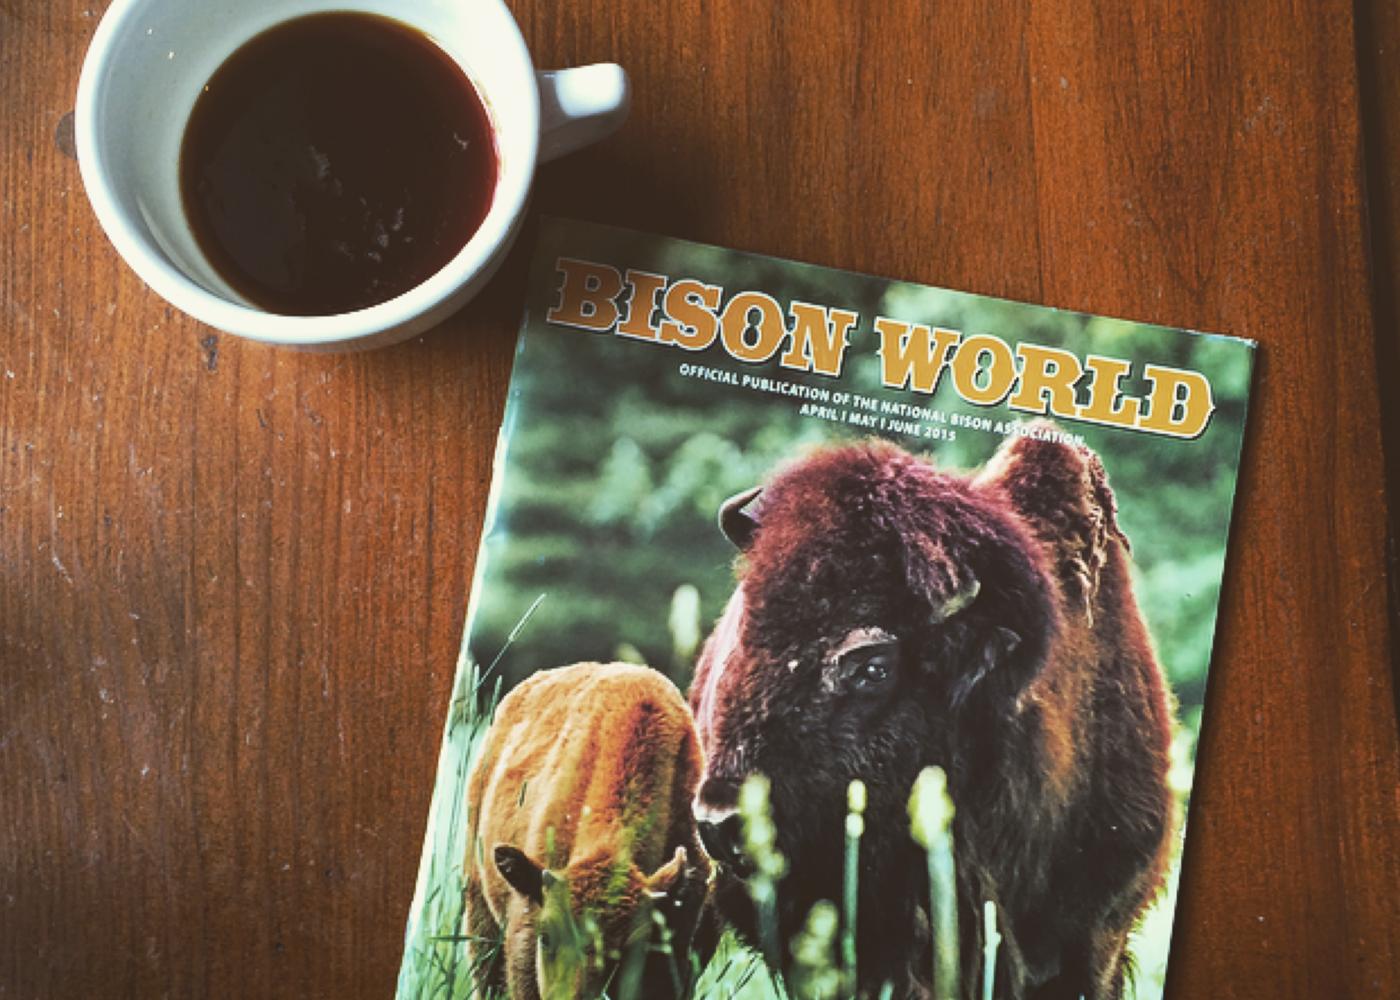 Bison World magazine